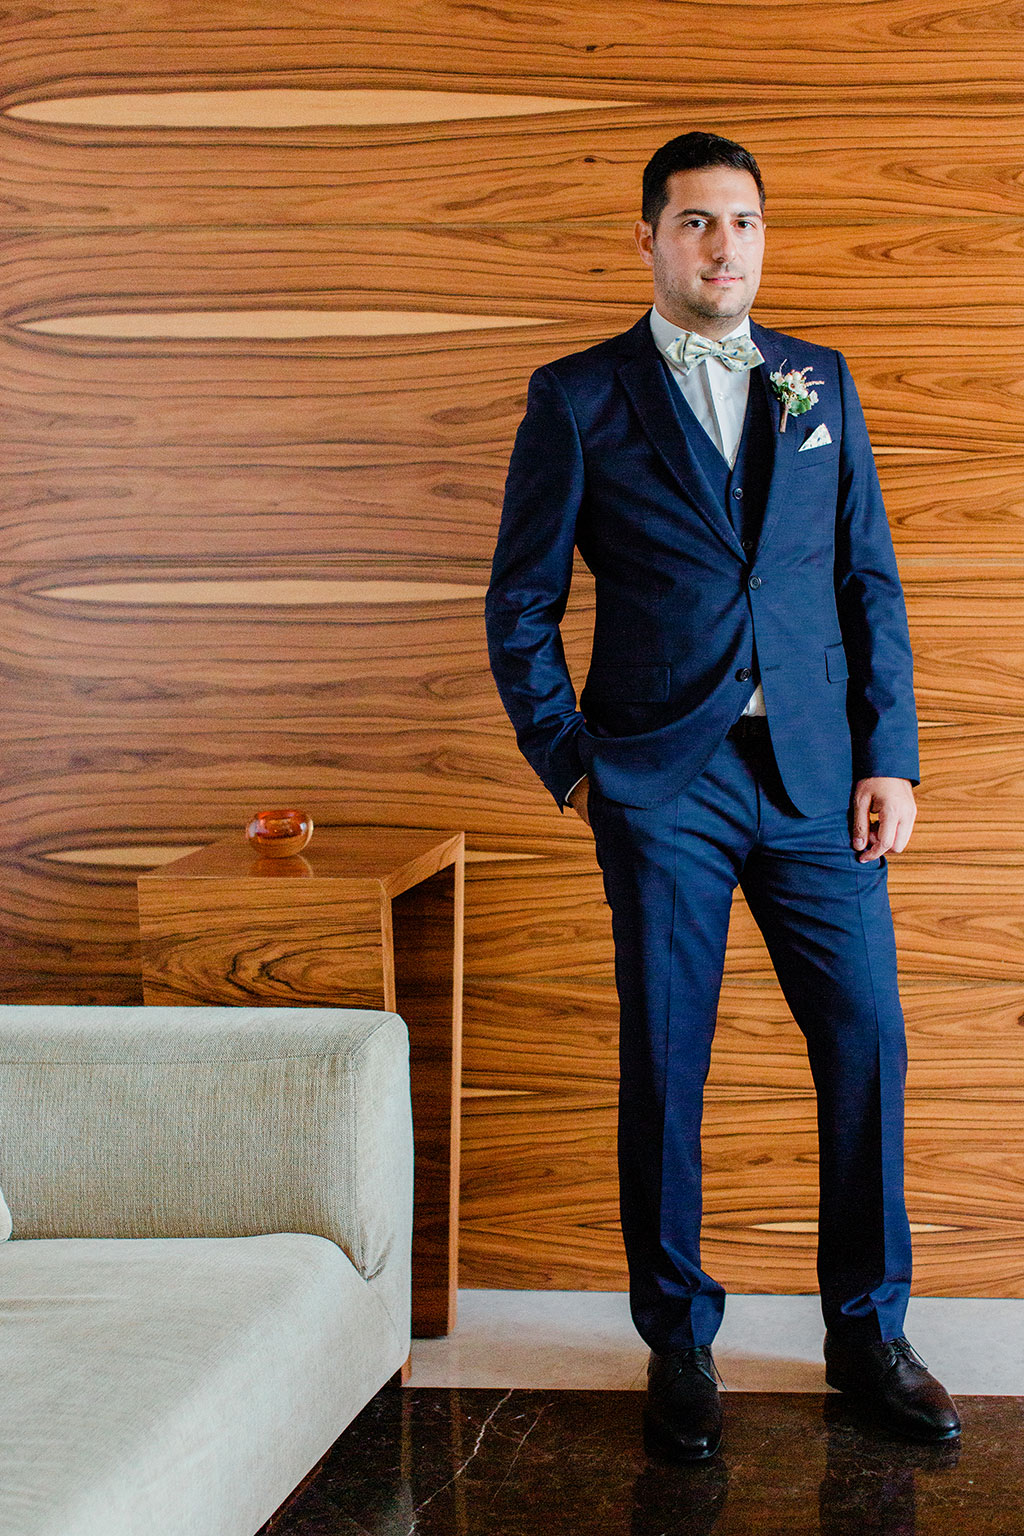 A simple pose for my groom in elegant wedding in thessaloniki, φωτογράφιση γαμπρού στο ξενοδοχείο